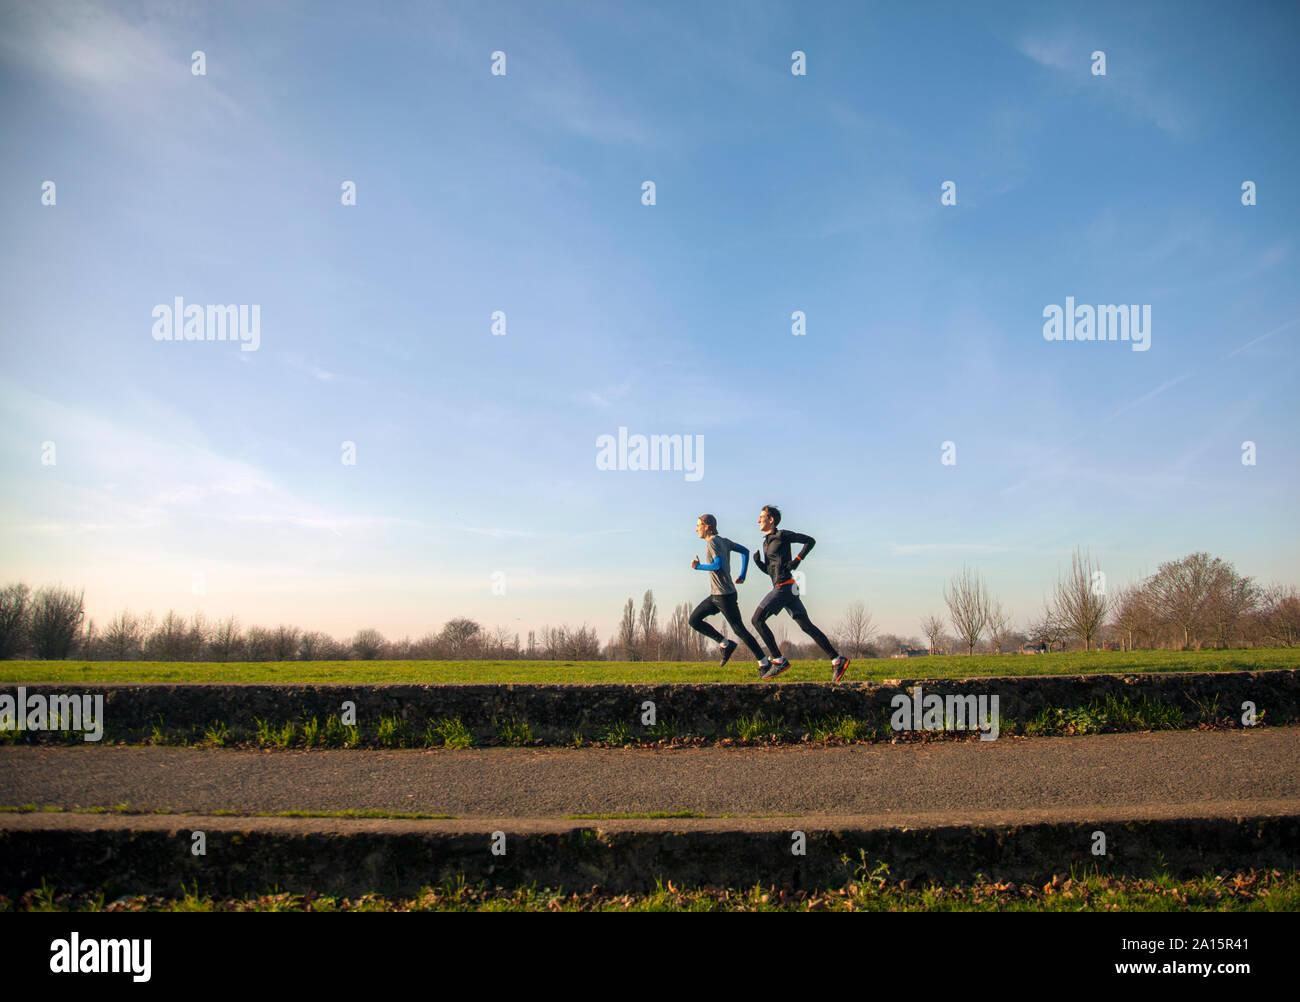 Deux adolescents du jogging dans un parc Banque D'Images